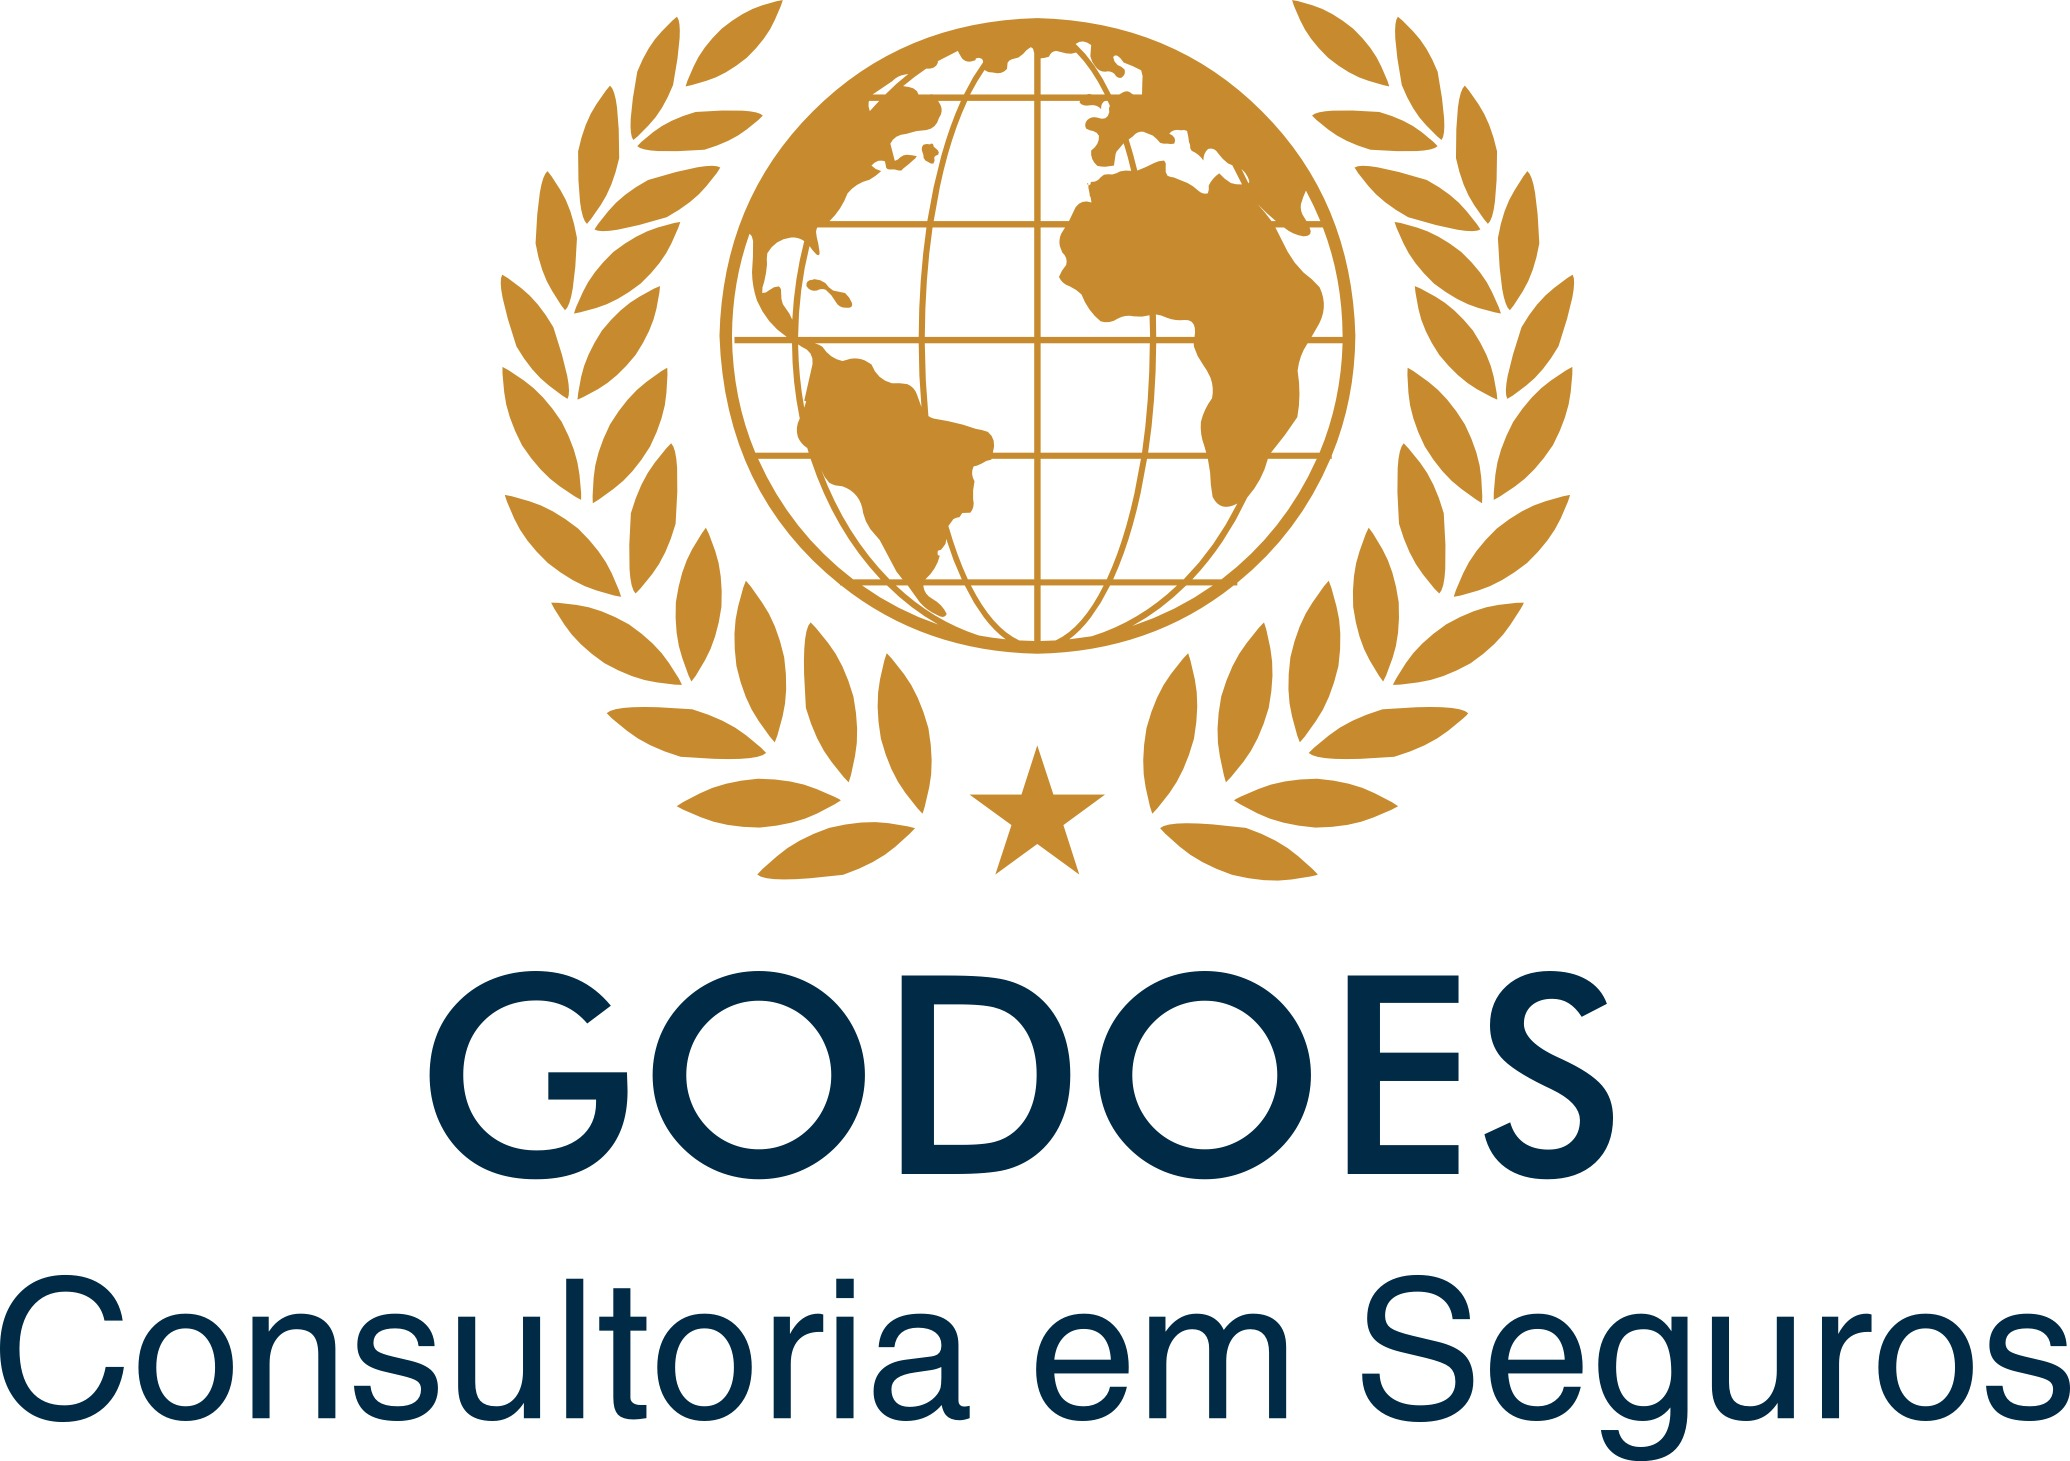 GODOES Consultoria em Seguros